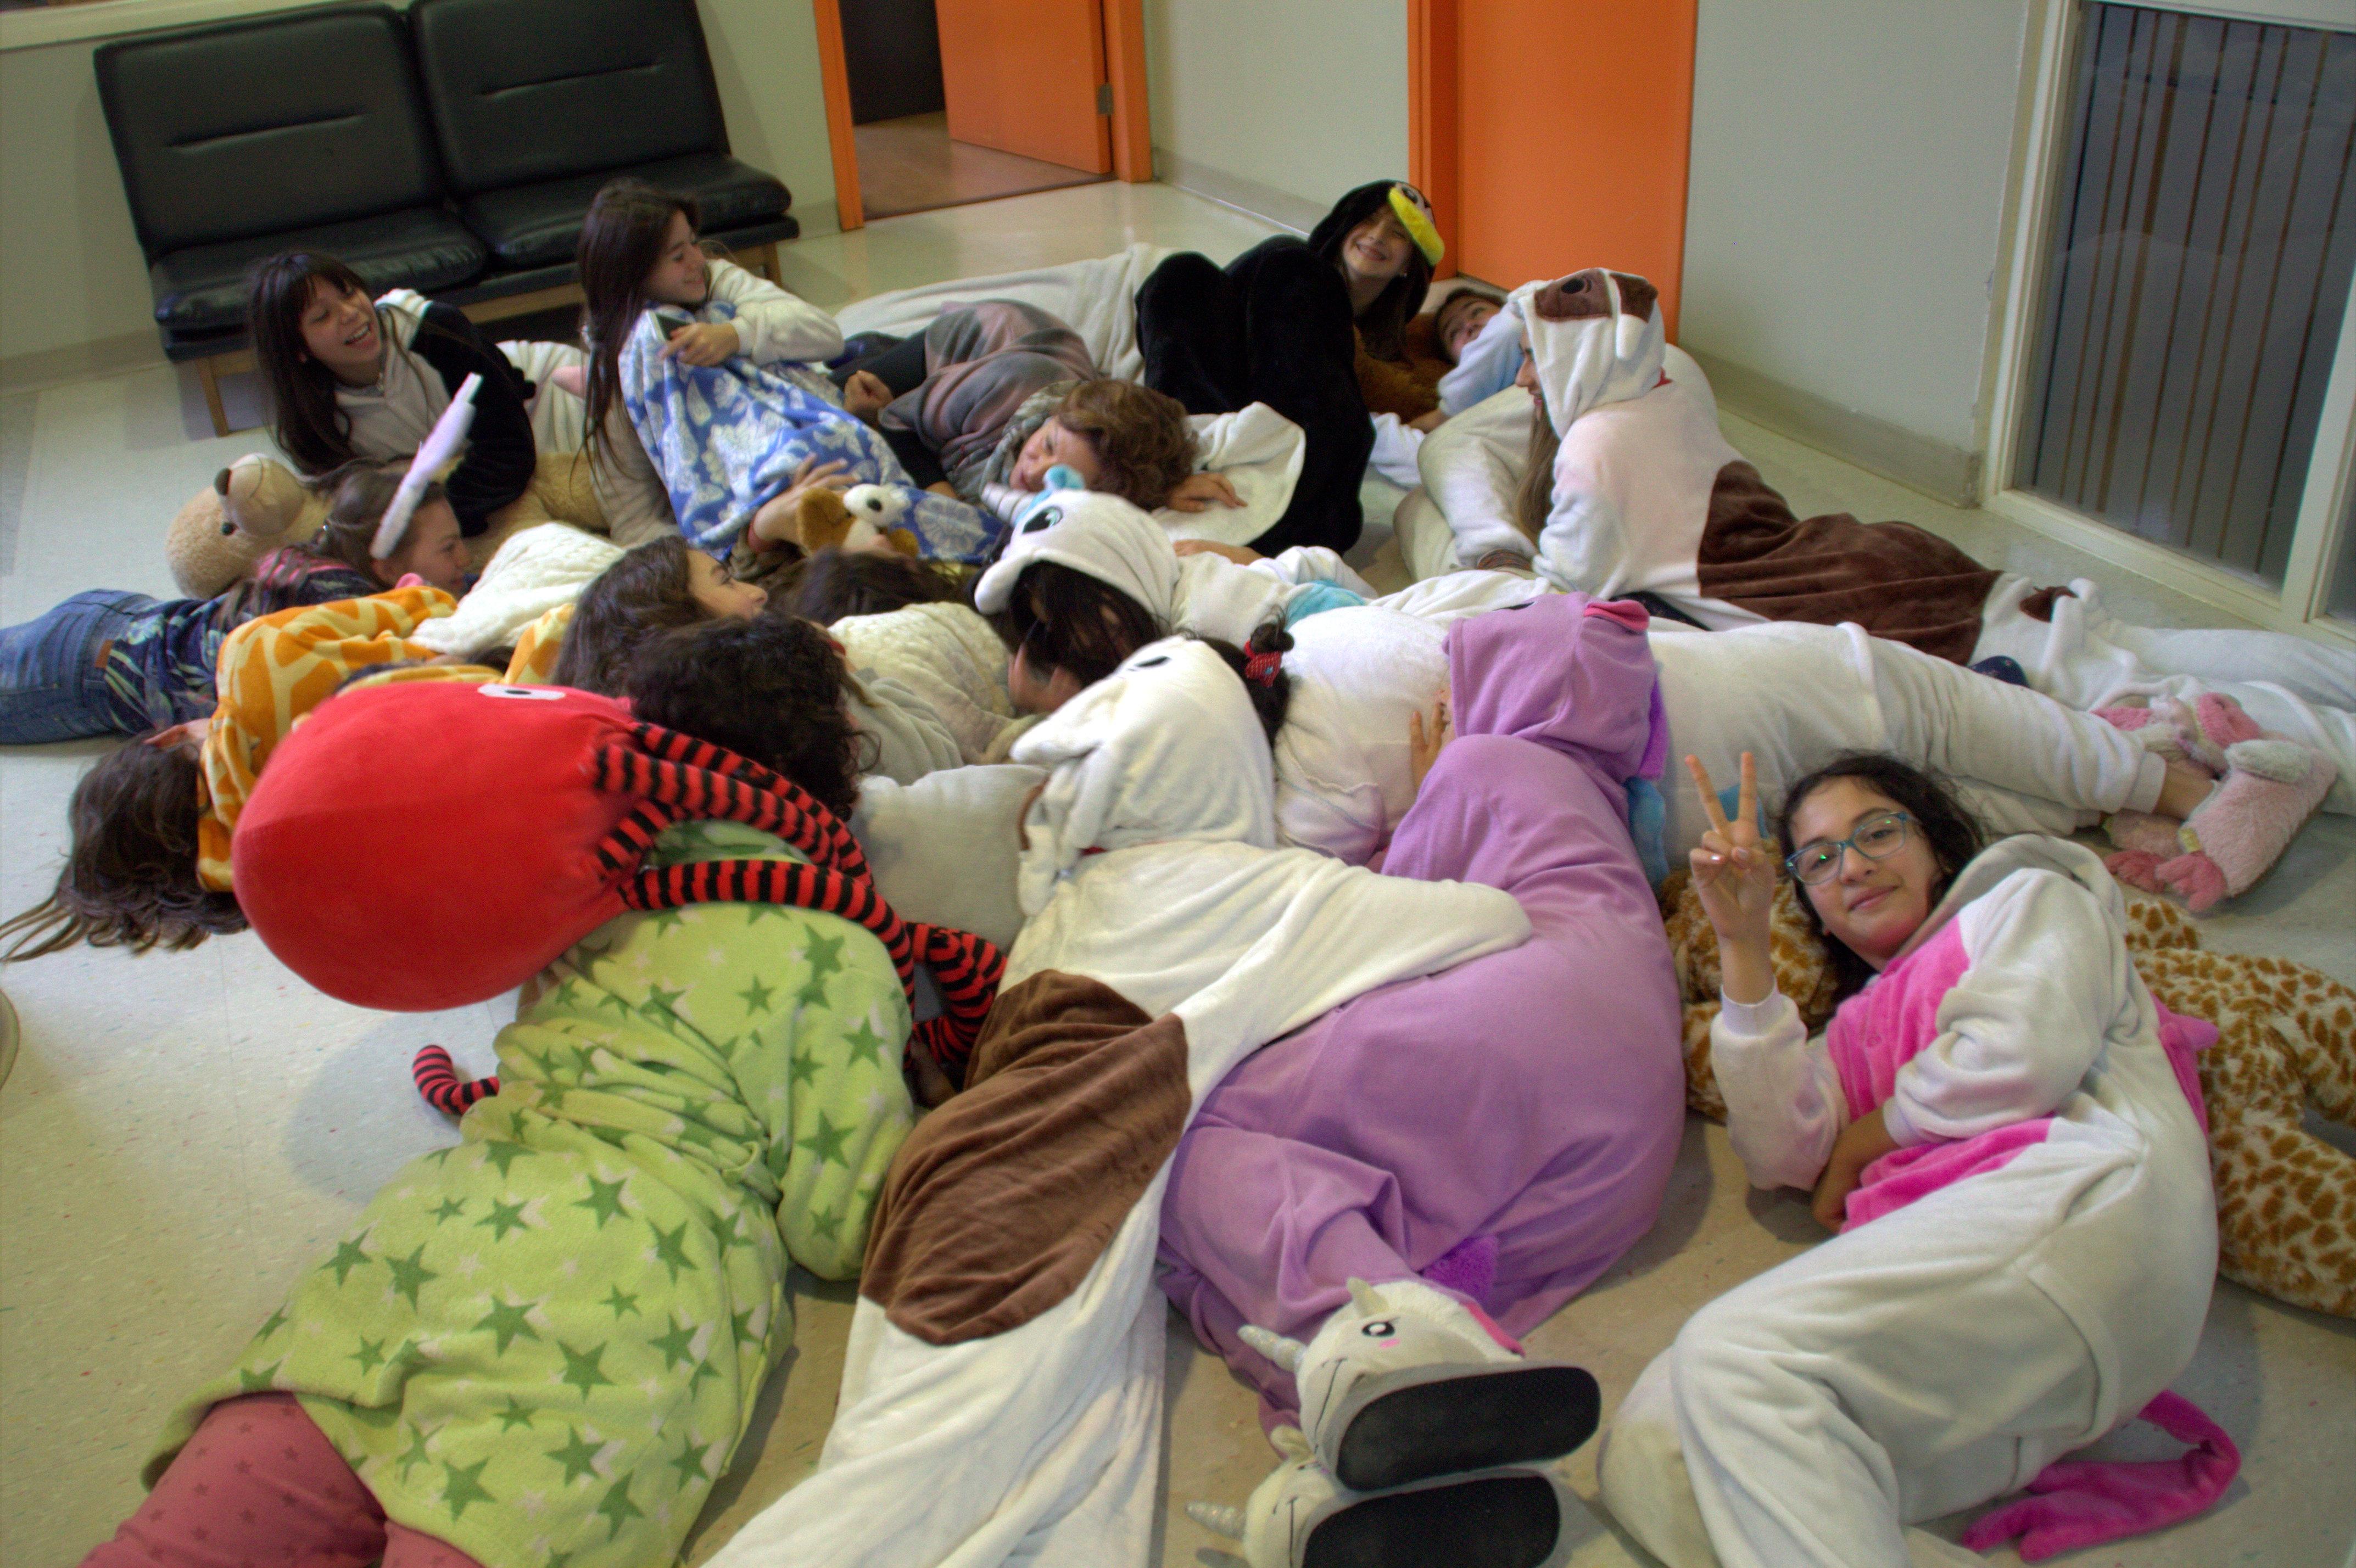 7todas en la pijamada, incluida la rectora, en merecido descanso